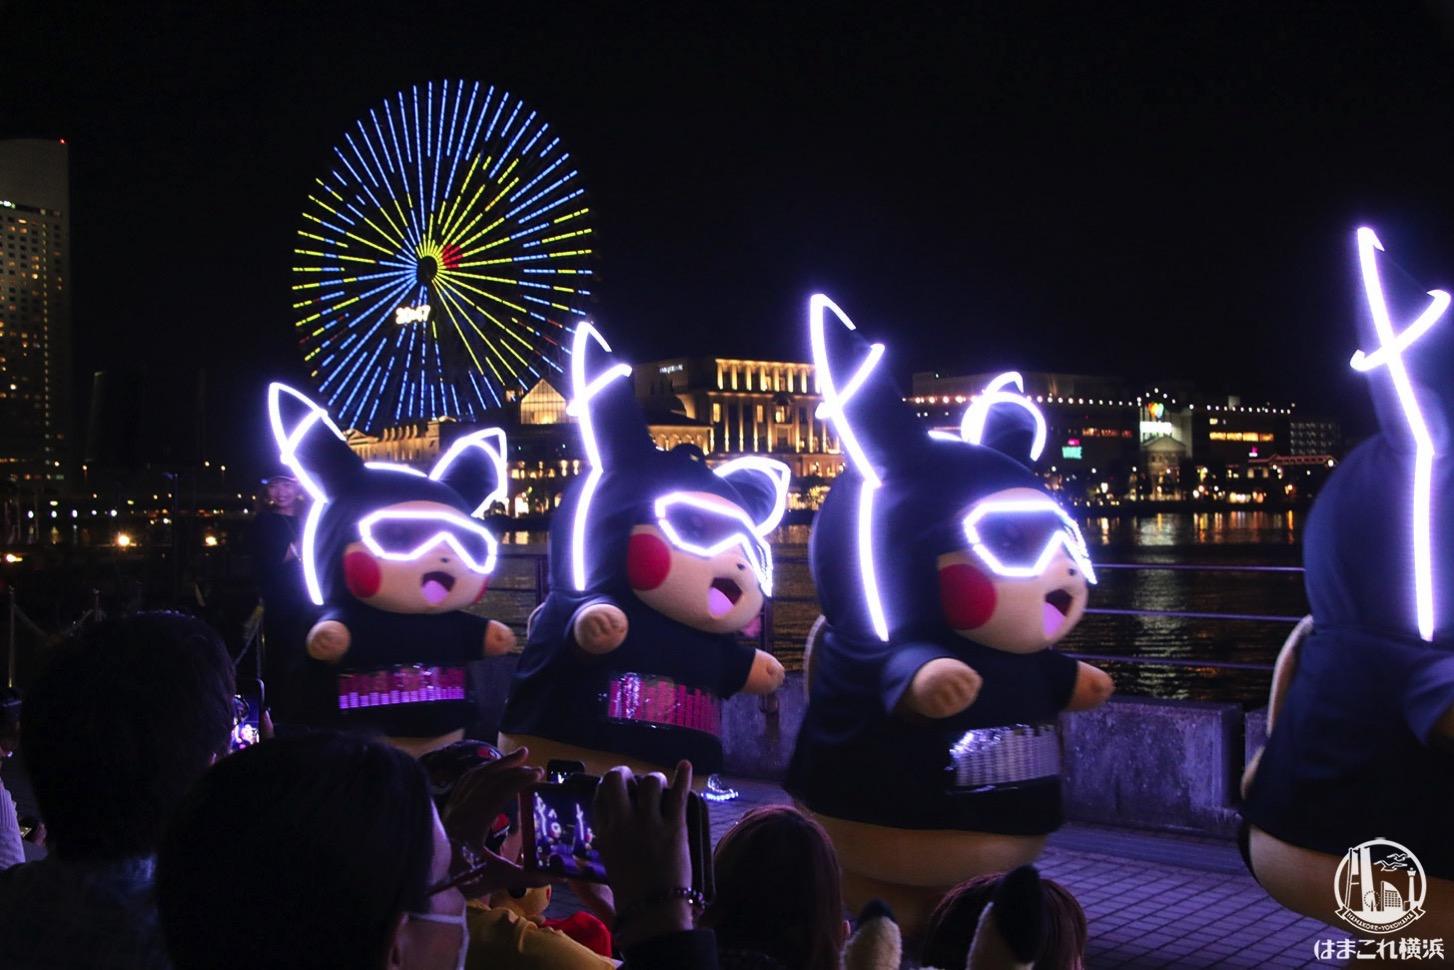 ピカチュウの大行進(夜)